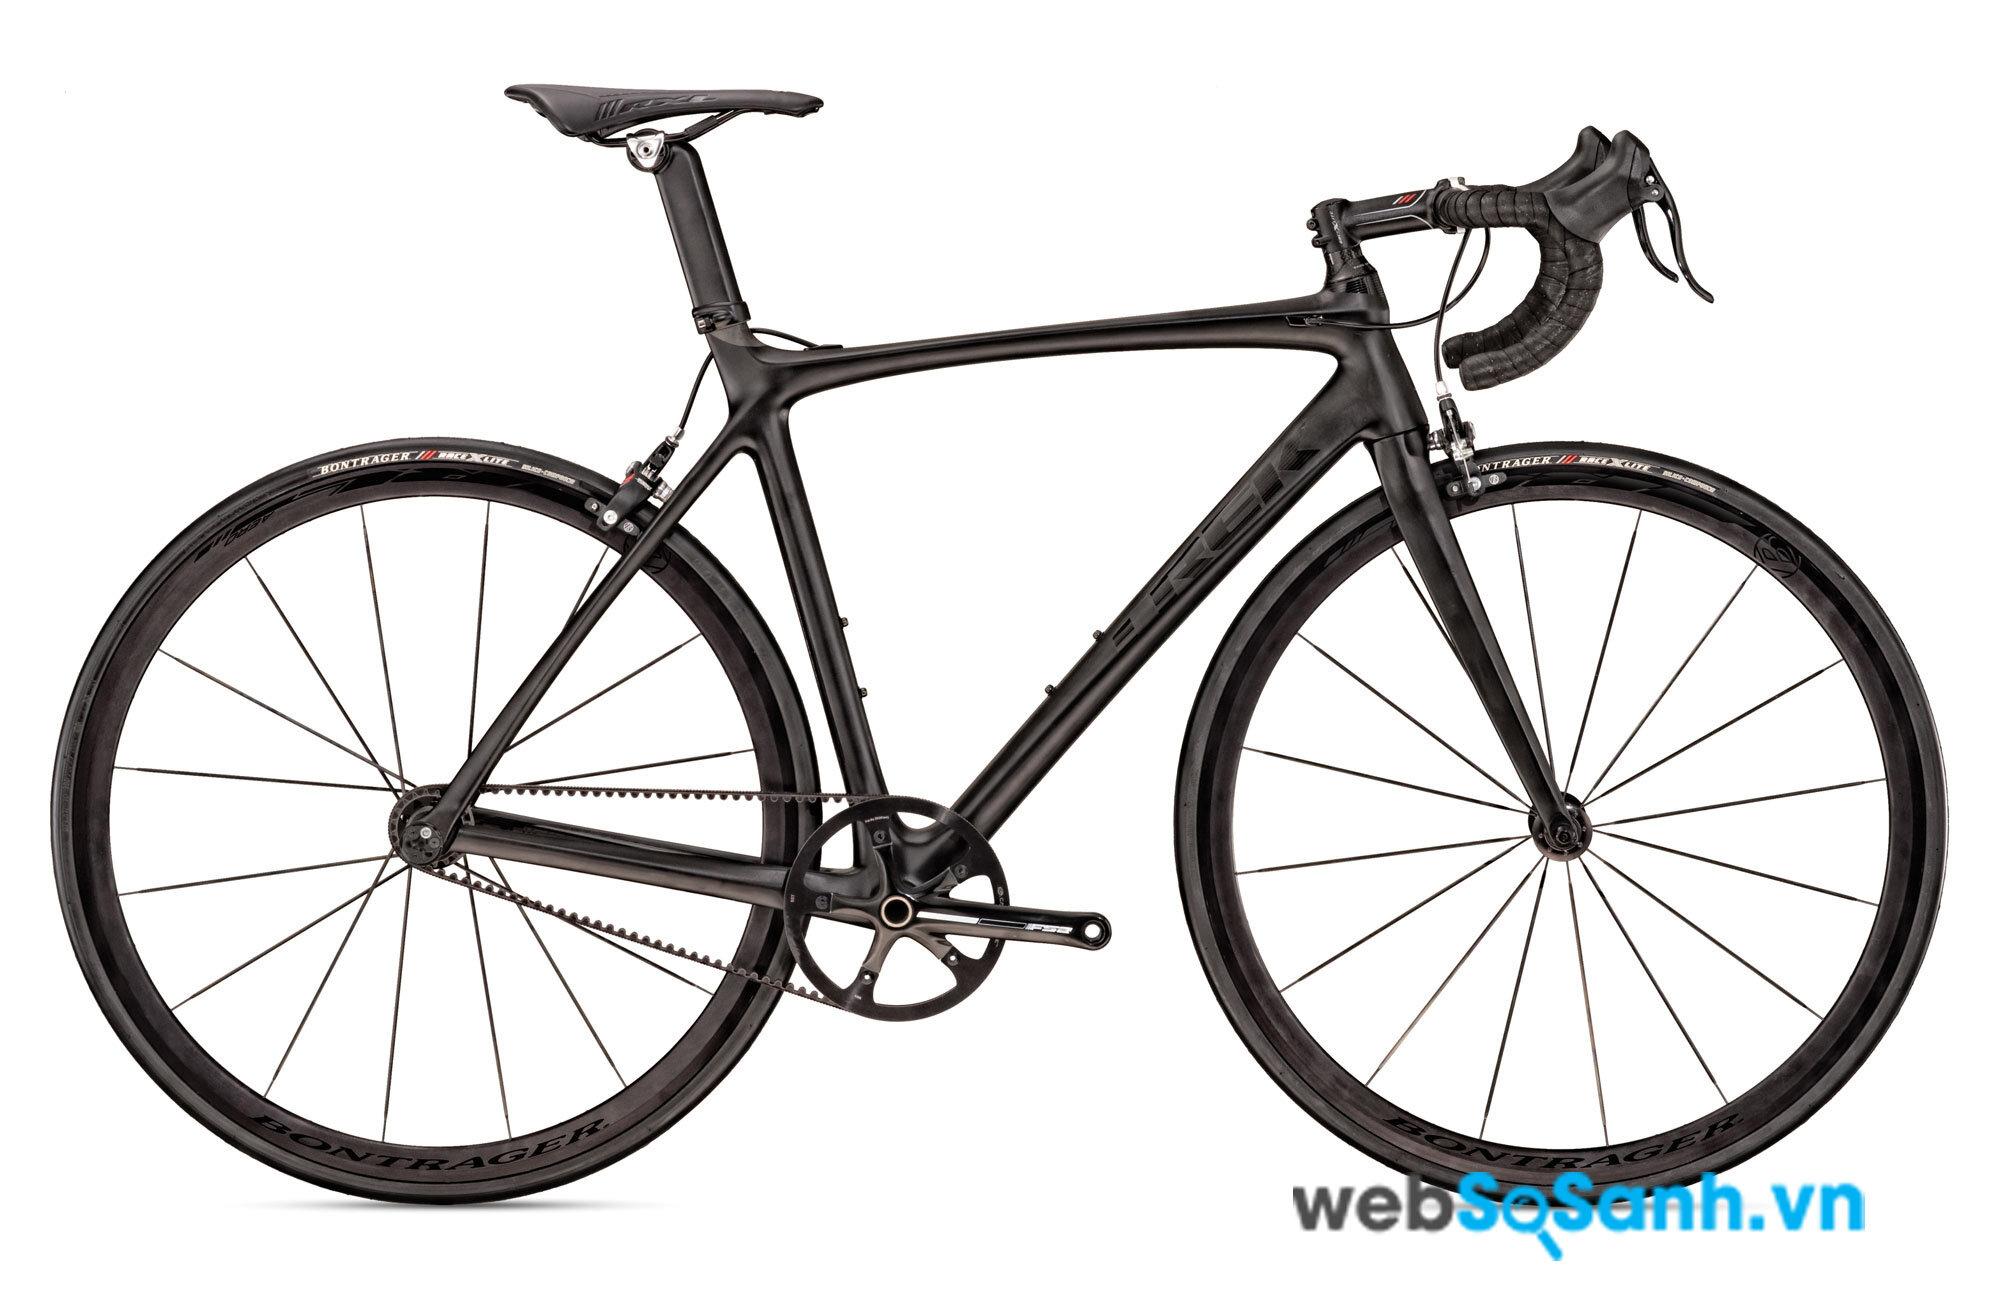 Những chiếc xe đạp khung carbon thường rất nhẹ, có chiếc chỉ 4 - 5 kg